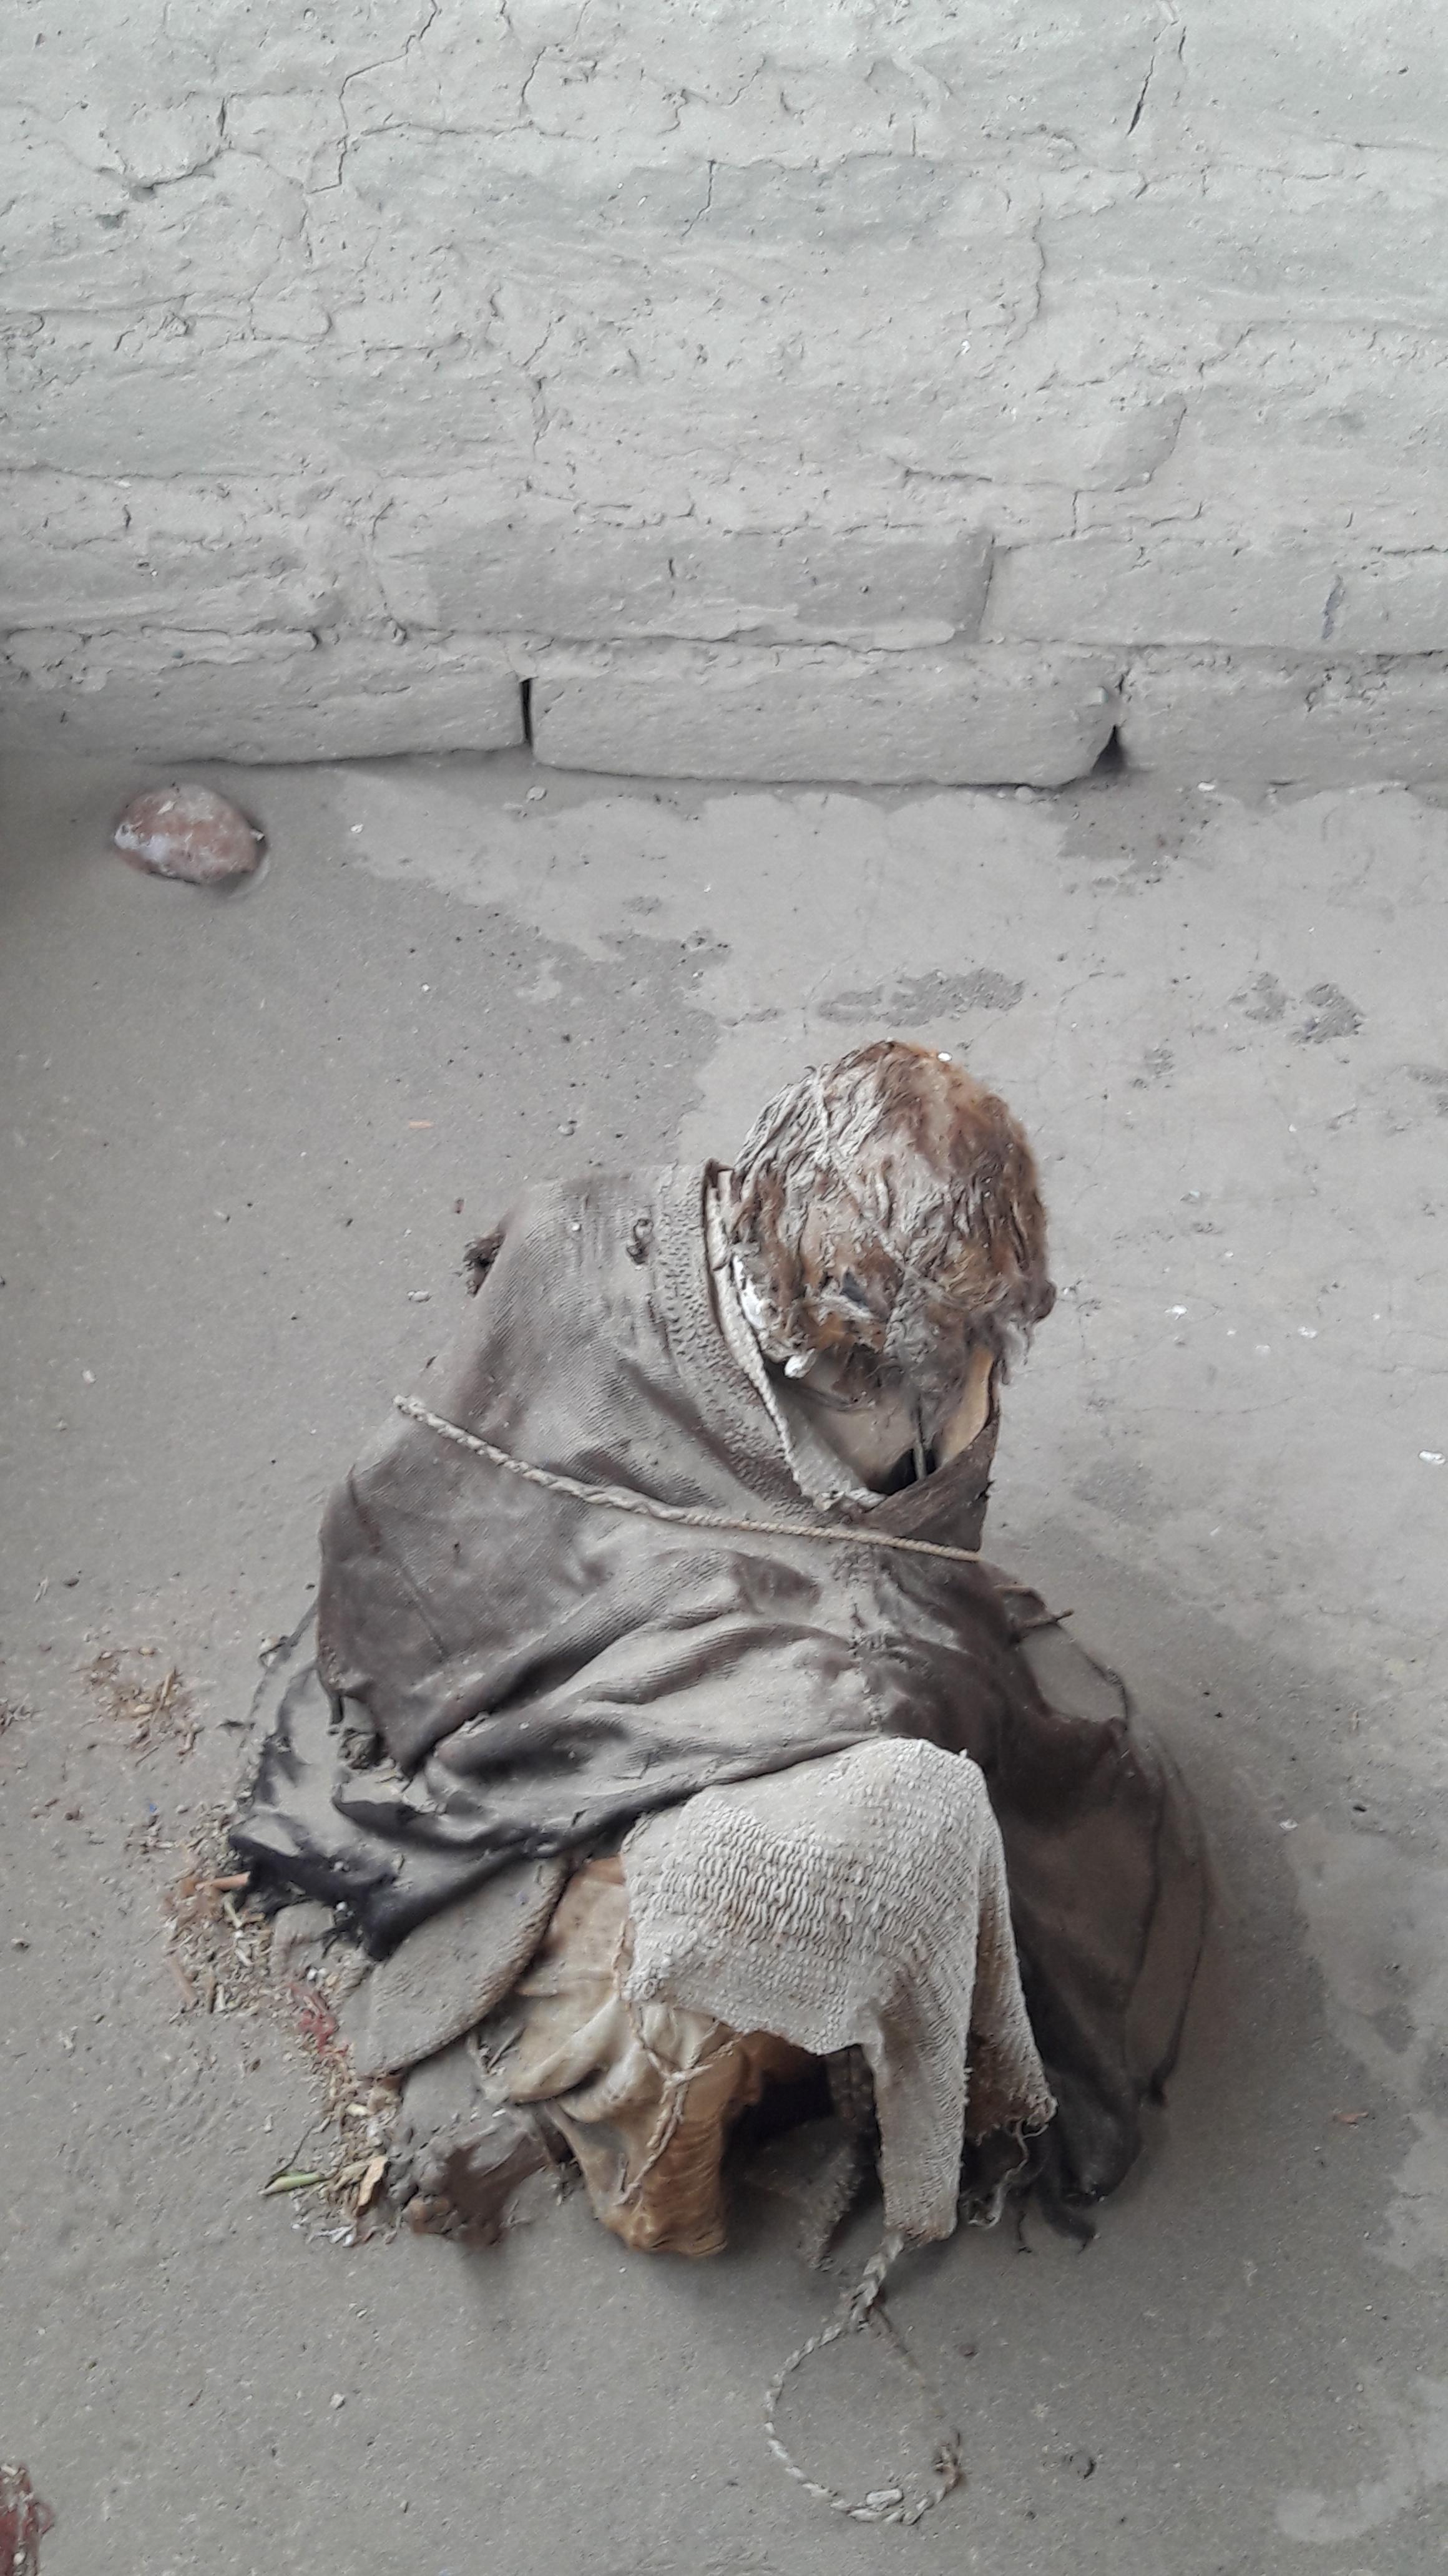 A mummified body on the ground